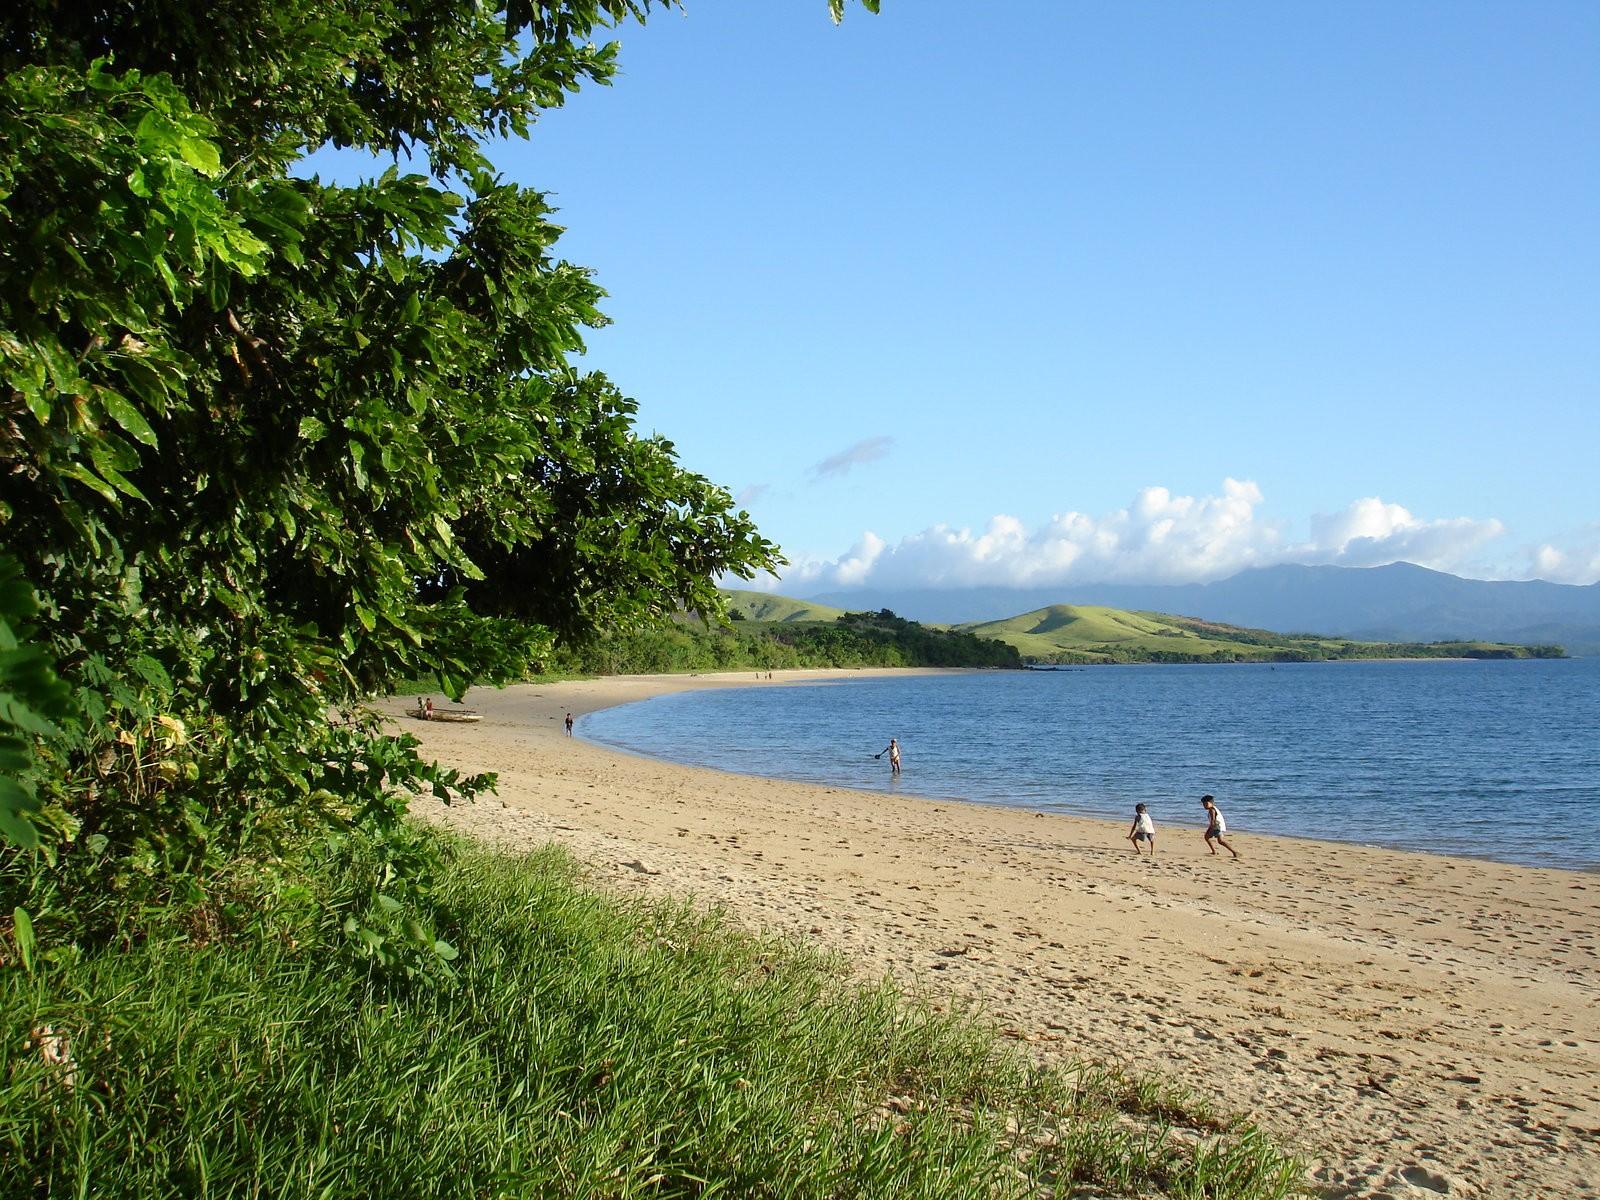 Island Beach Tropical Live Wallpaper - Beach Ridge , HD Wallpaper & Backgrounds